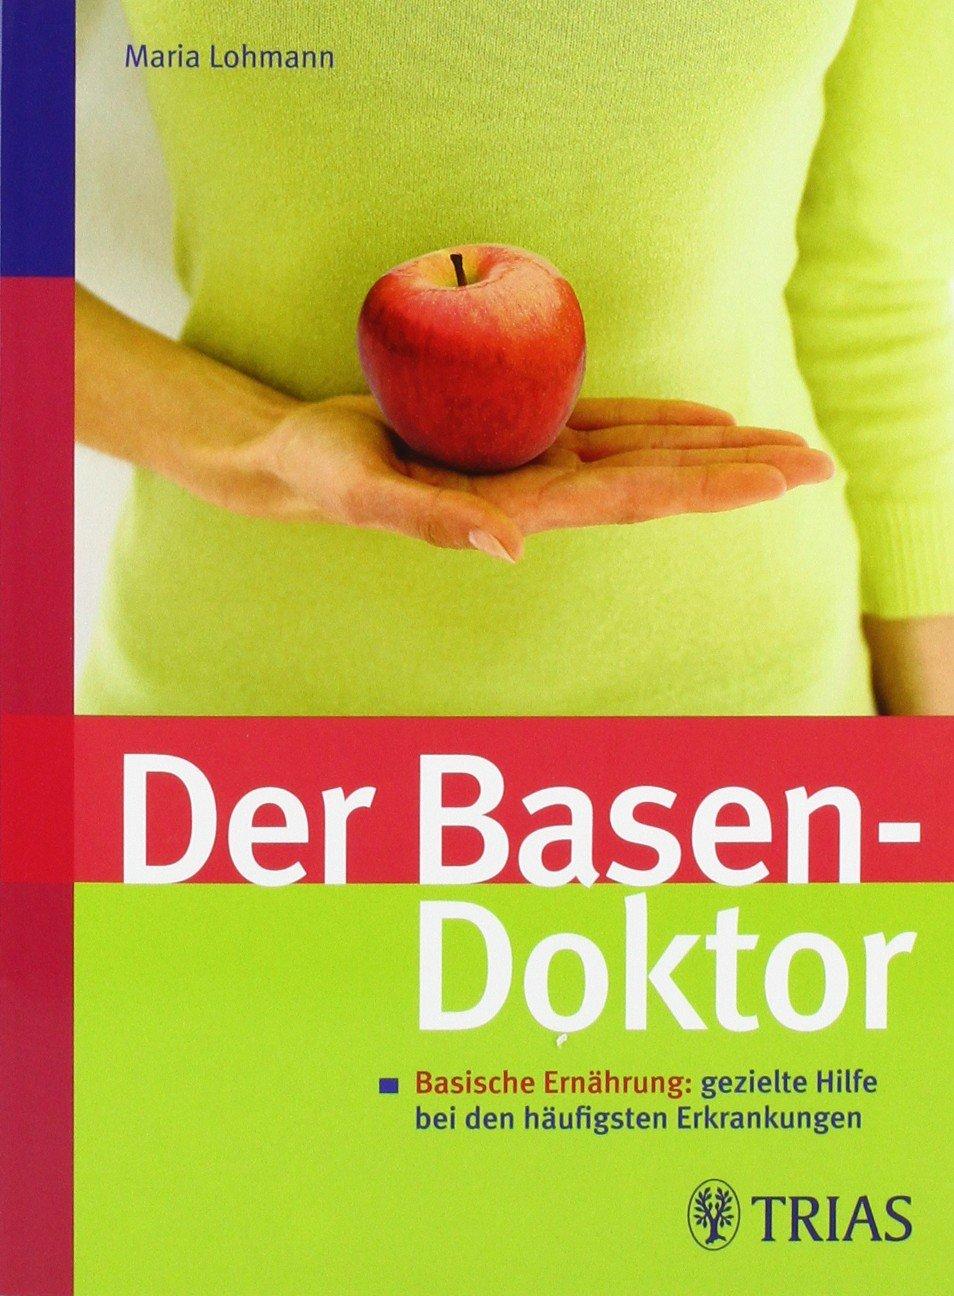 Der Basen-Doktor: Basische Ernährung: gezielte Hilfe bei den ...